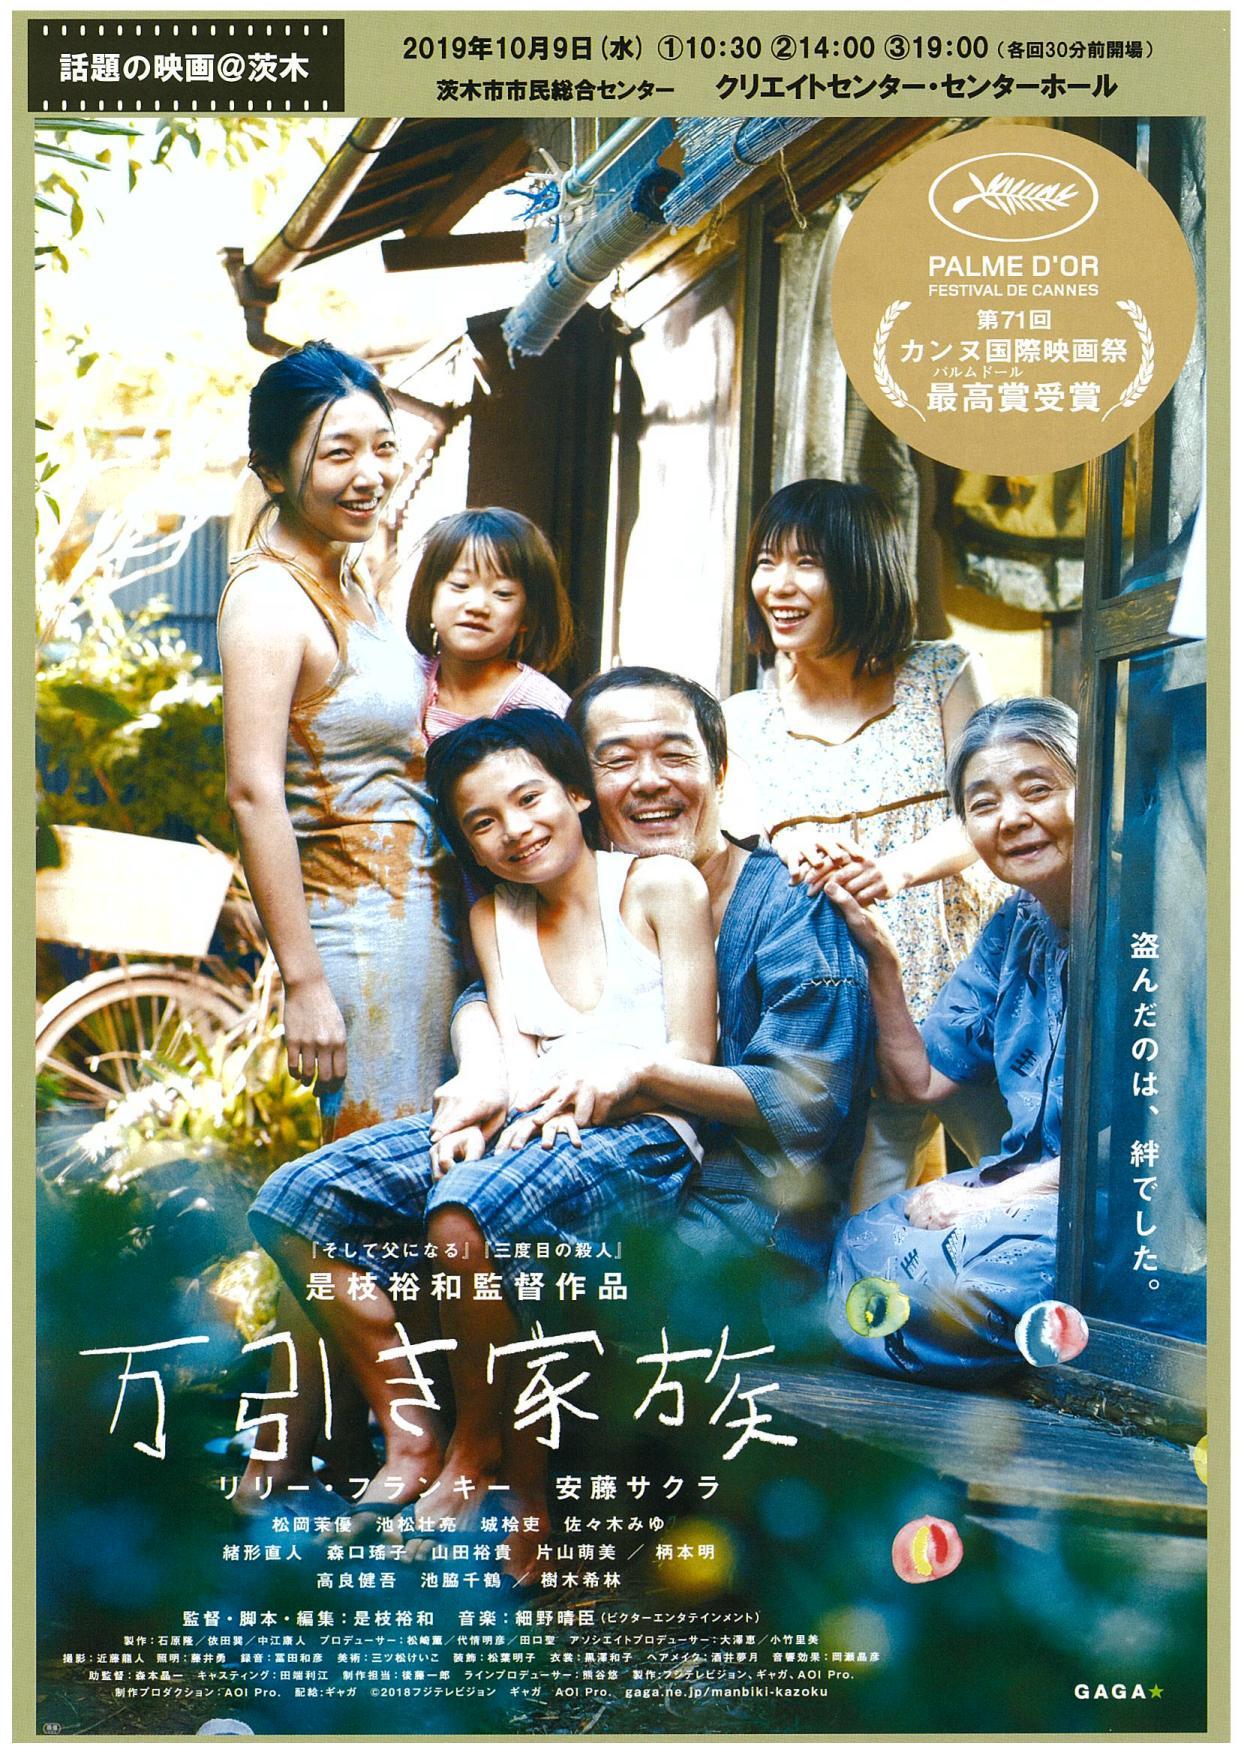 話題の映画@茨木「万引き家族」